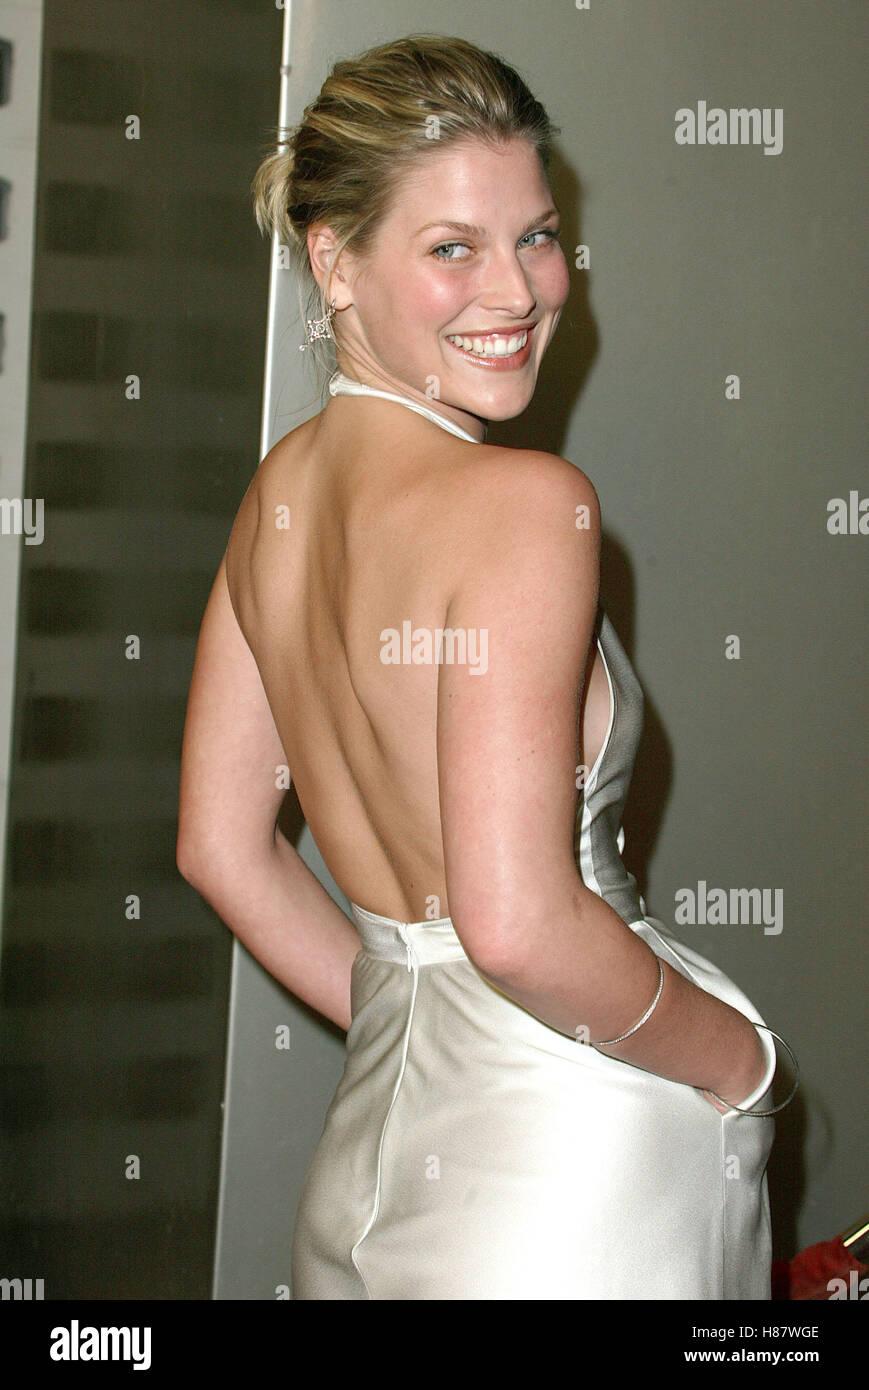 Celebrites Evangeline Lilly naked (25 photo), Topless, Paparazzi, Feet, underwear 2006